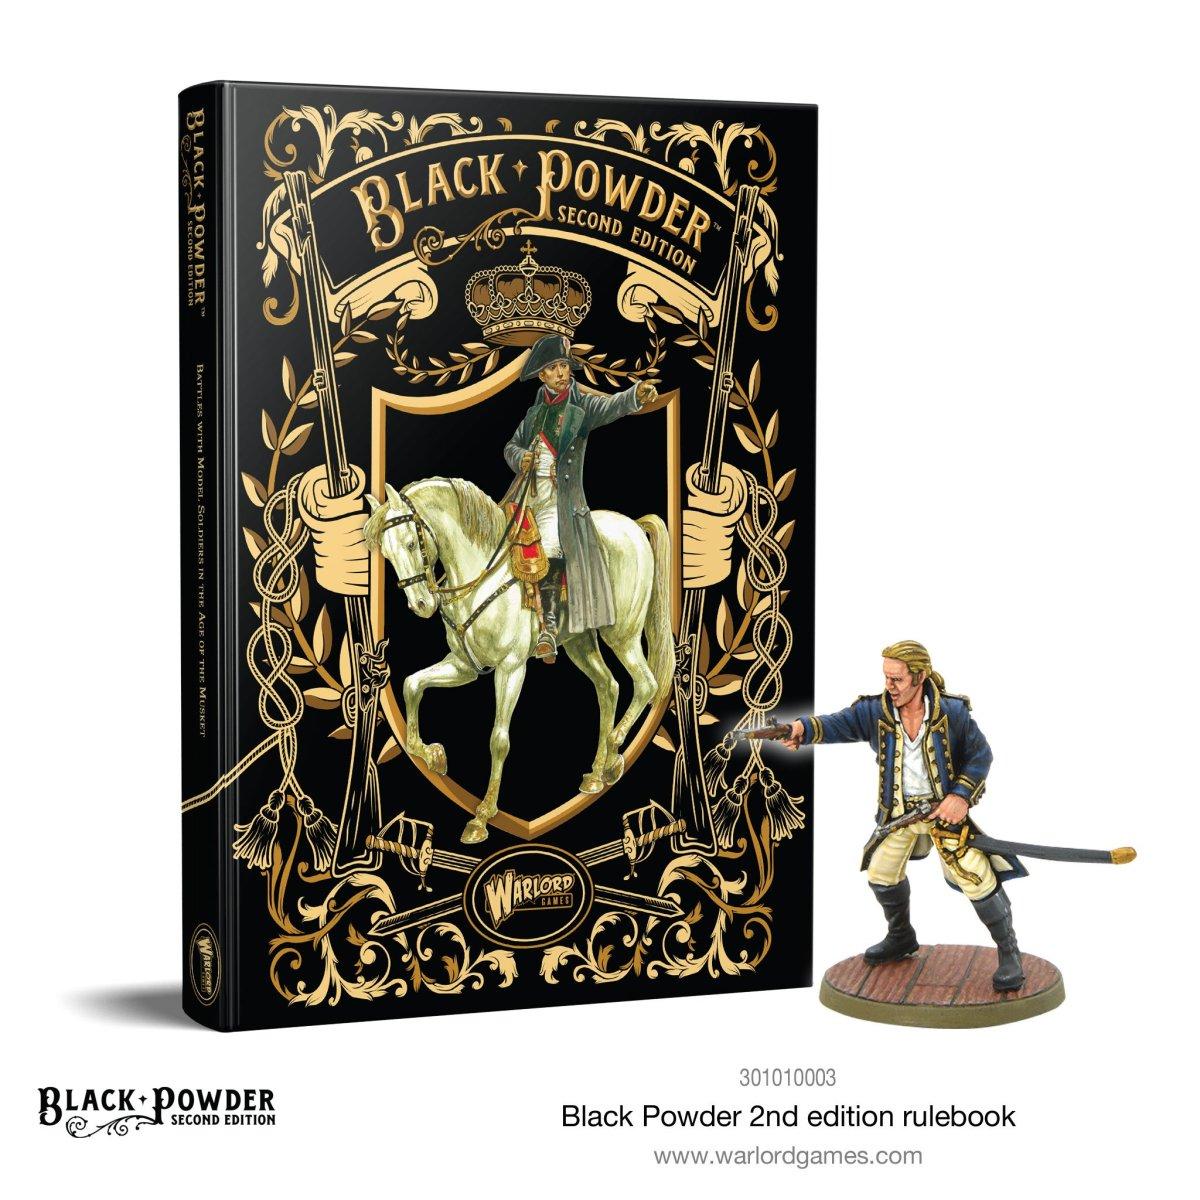 Black Powder 2 - Critique du livre de règles